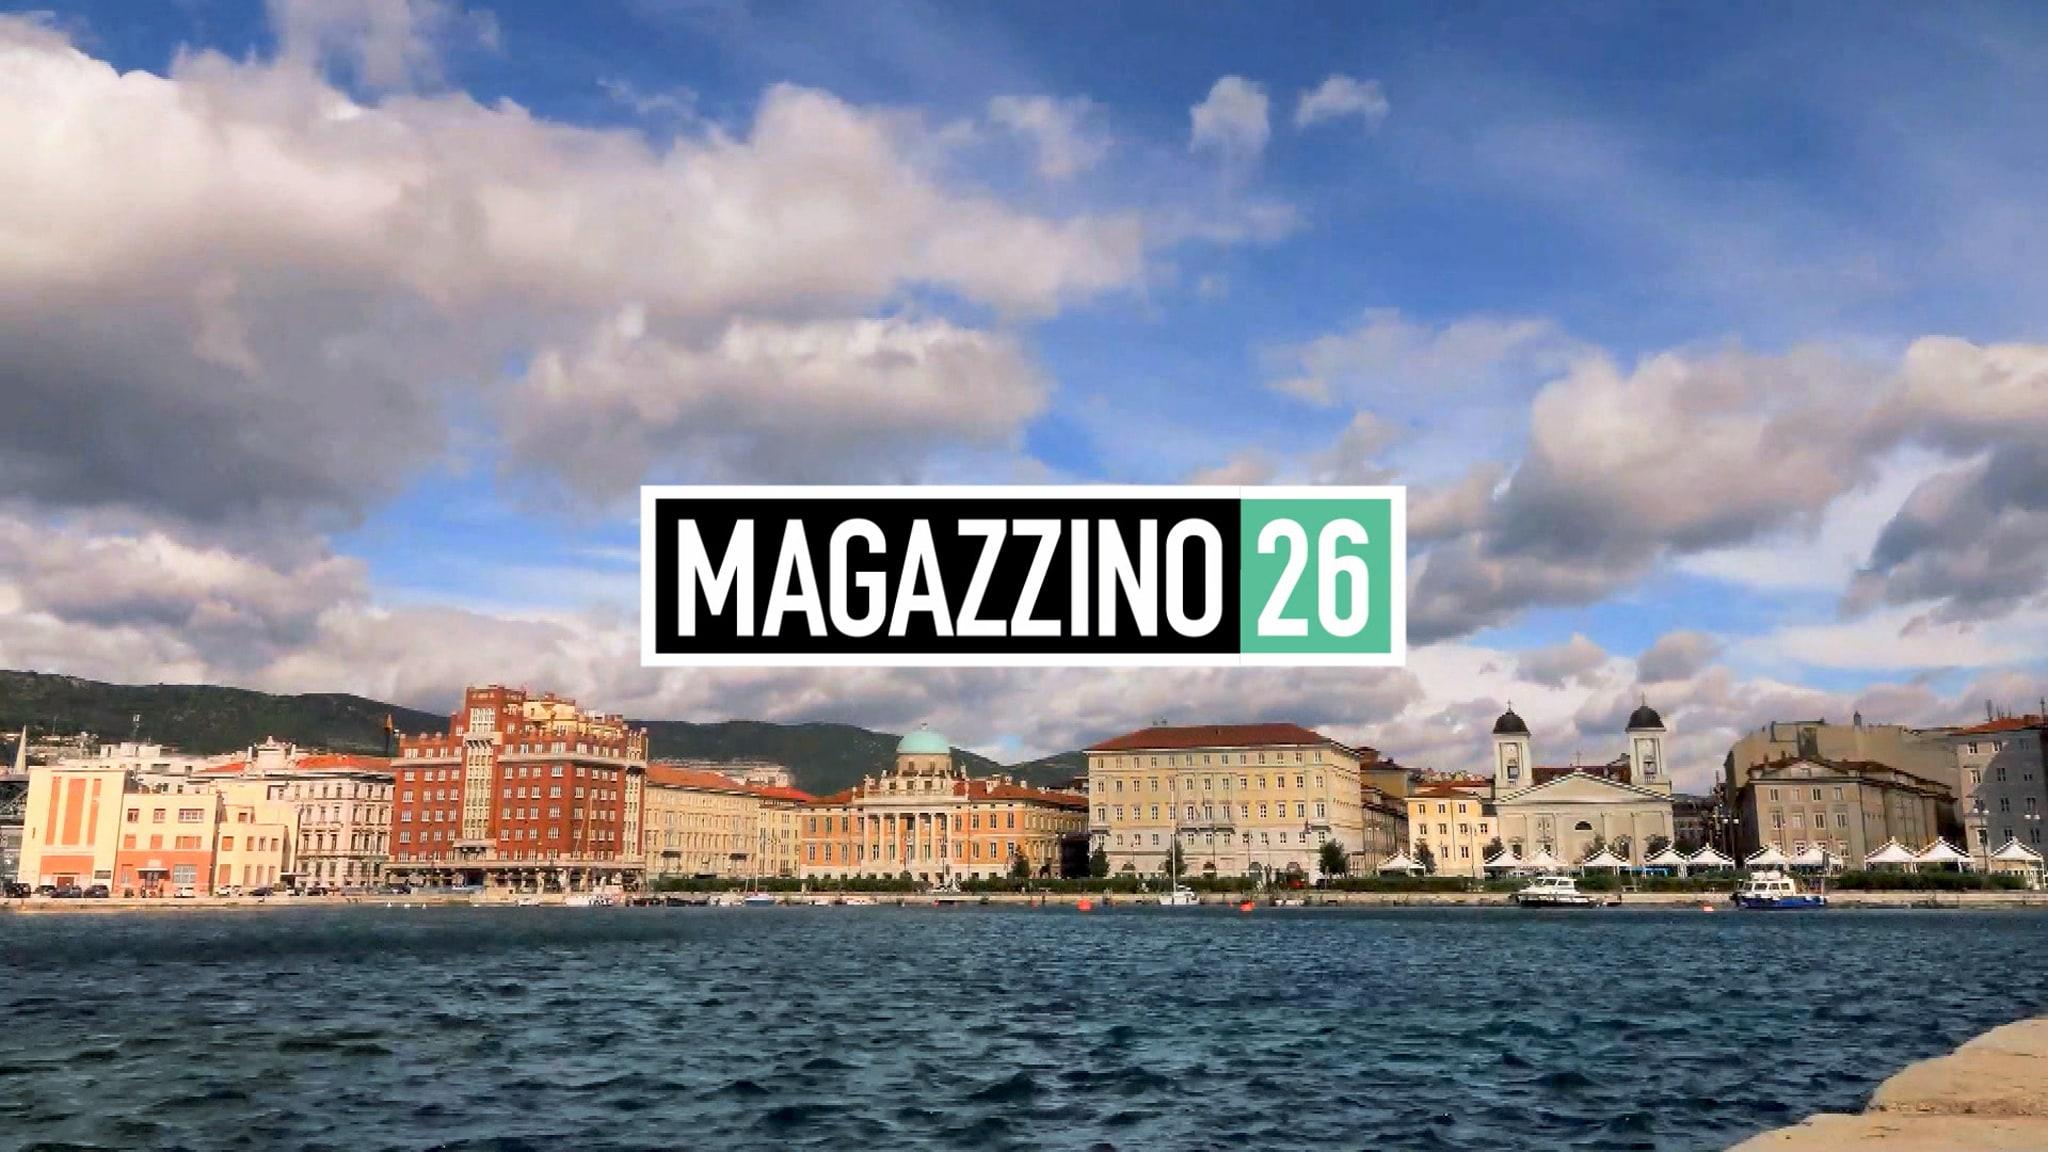 Rai Scuola Memex Magazzino 26 - ep. 01 Replica